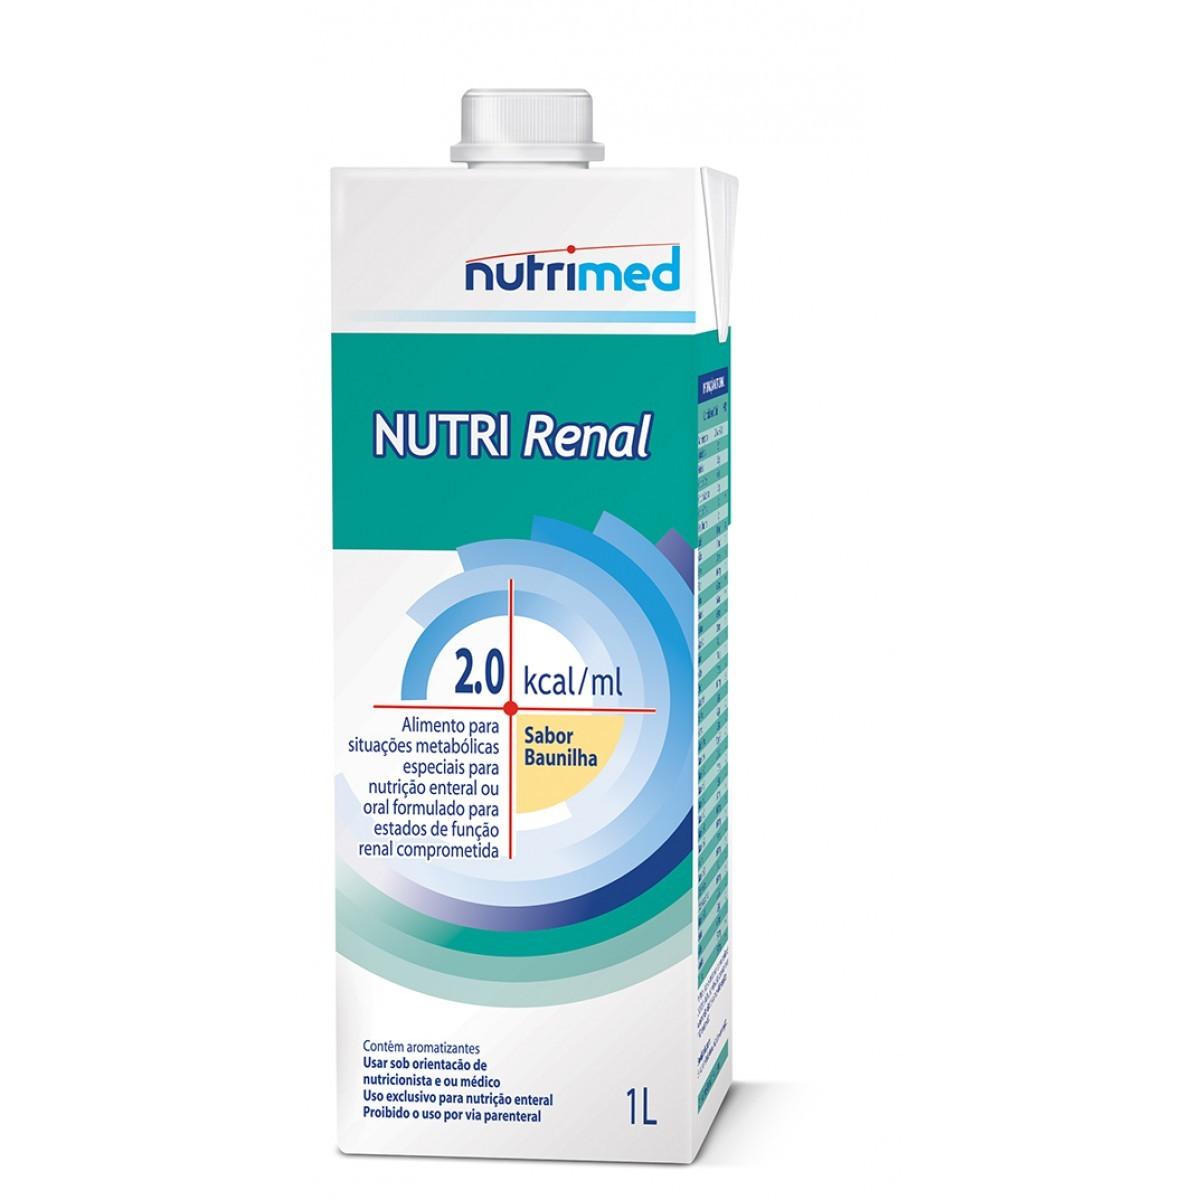 Nutri Renal Tetra Pak - 1 L - (DANONE)